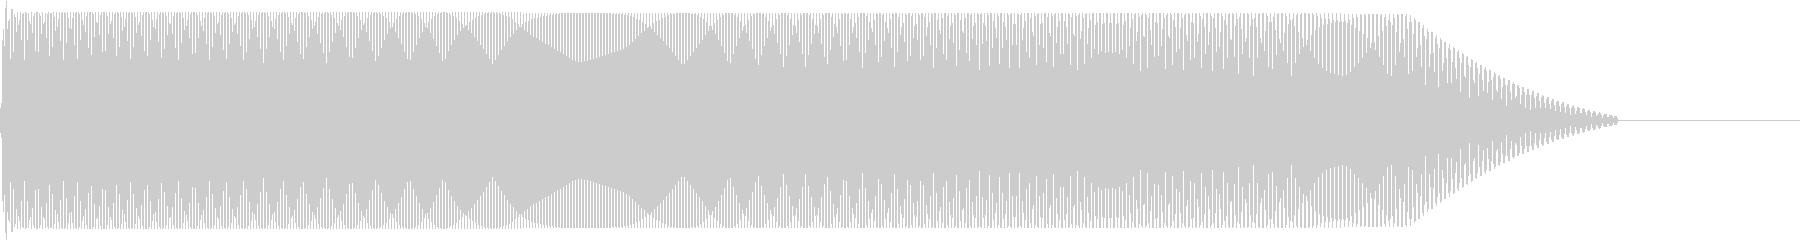 メタルコアベースドロップ C2→C1の未再生の波形